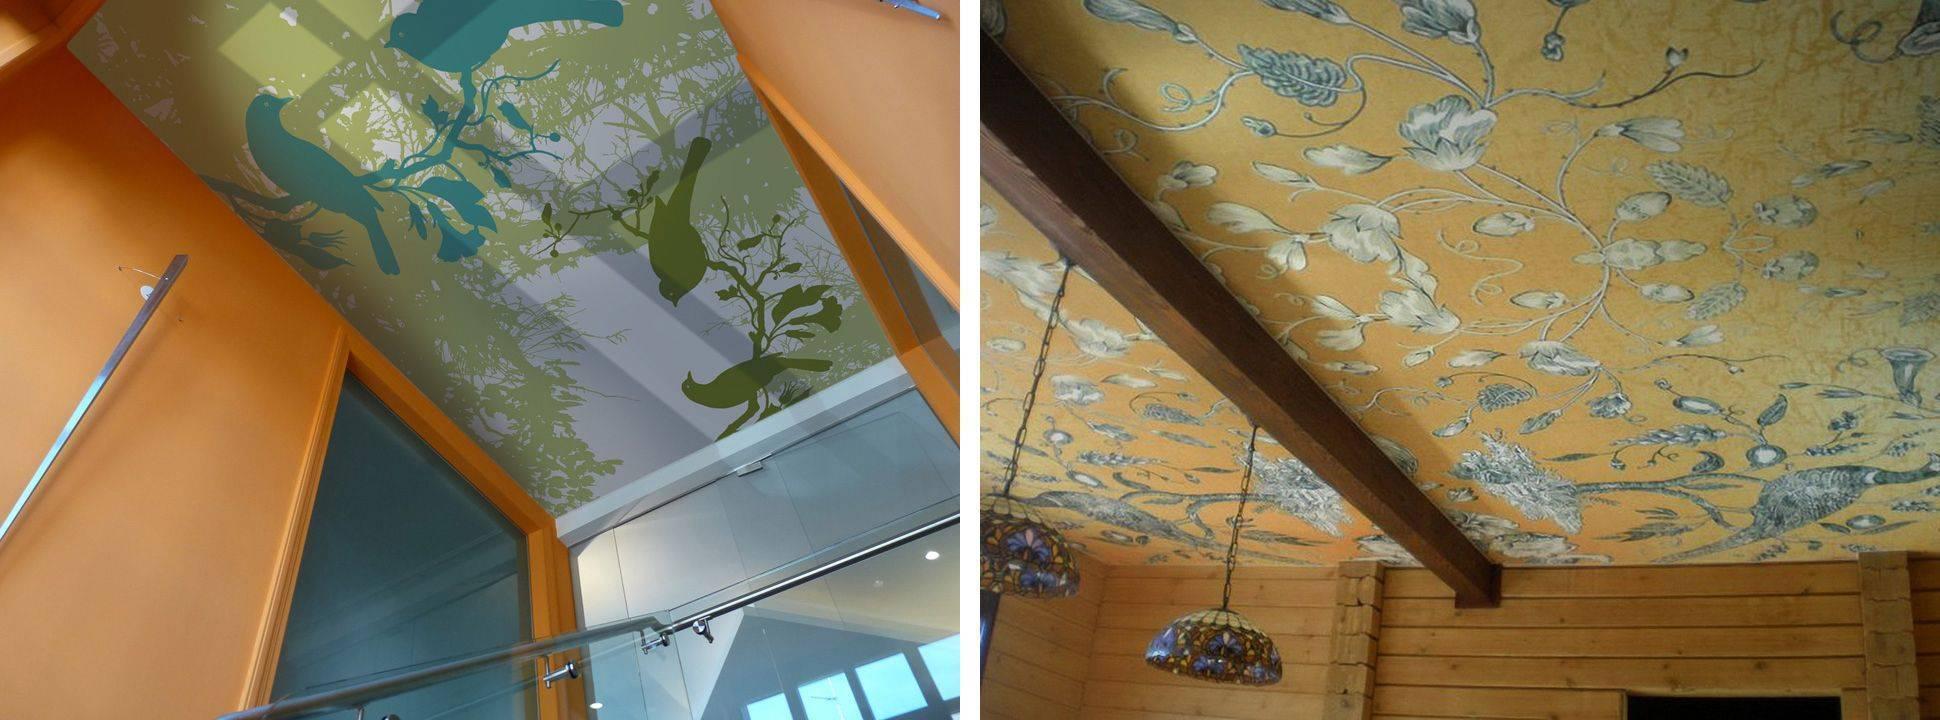 Тканевые натяжные потолки своими руками - оформление и монтаж!